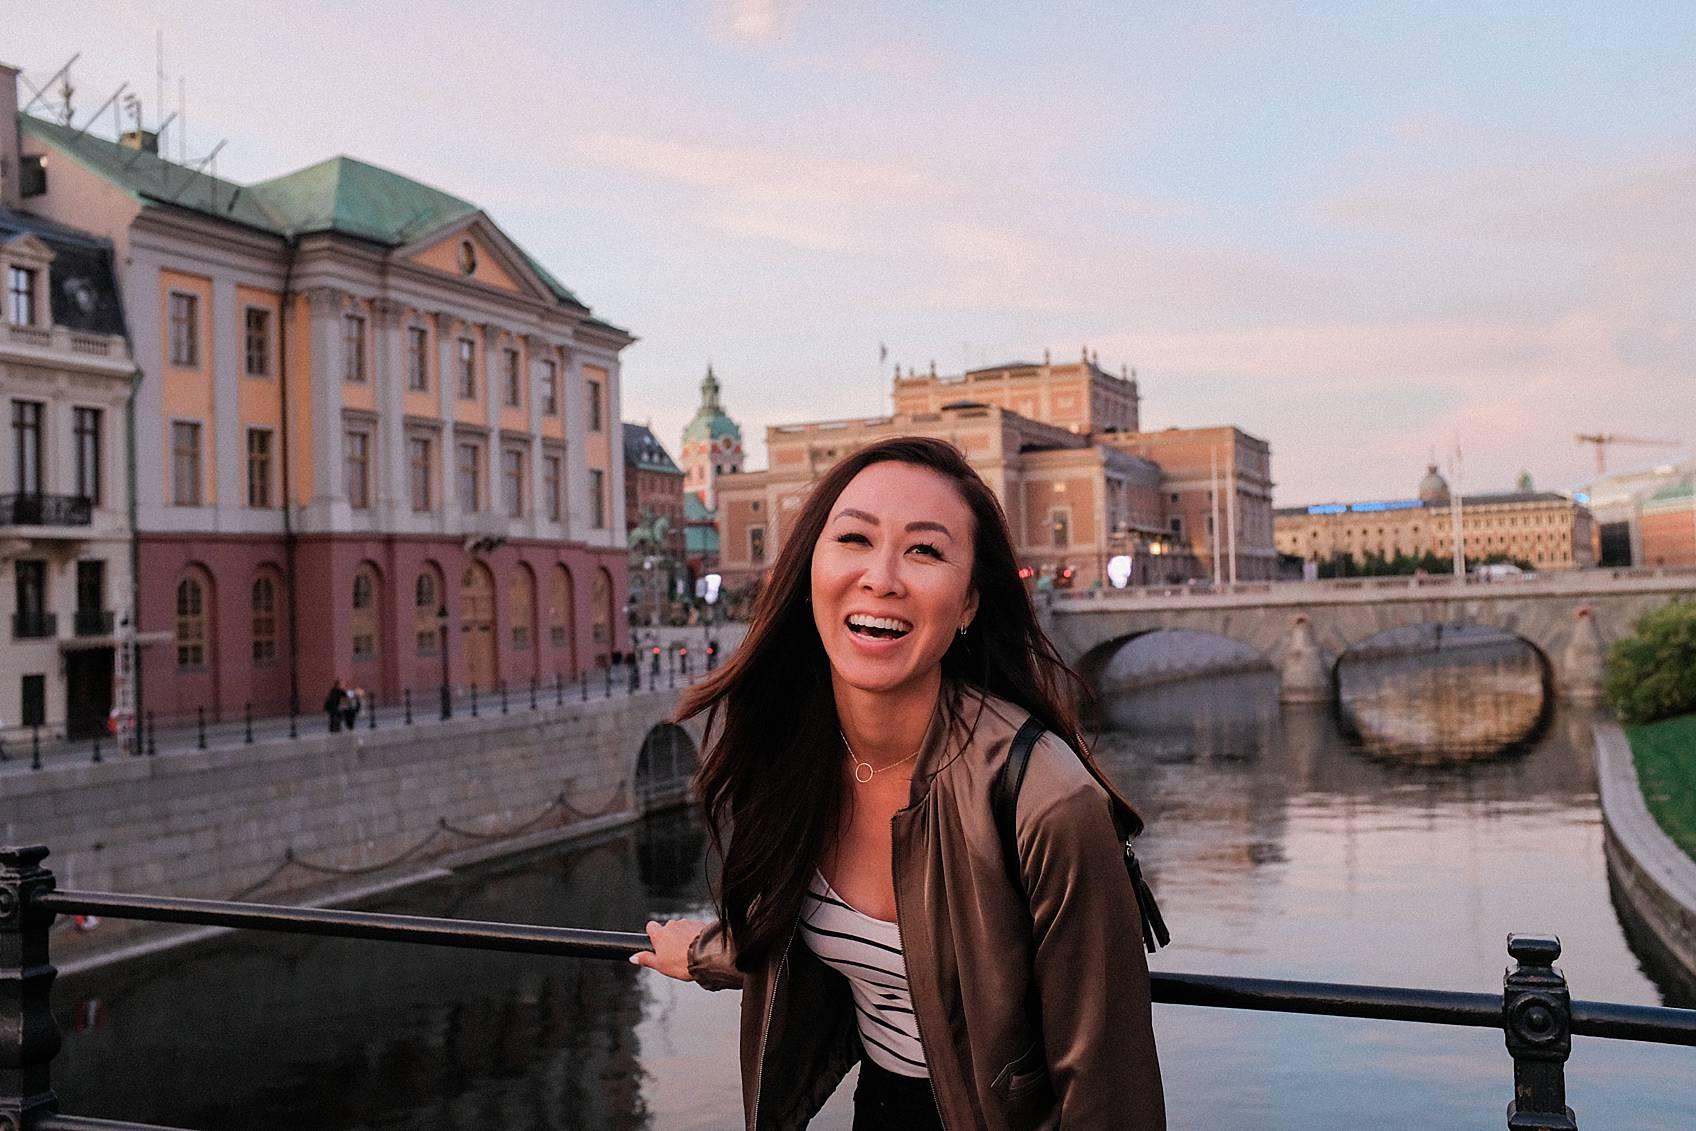 Photo tour of Stockholm: walking around laughing at bridge at sunset